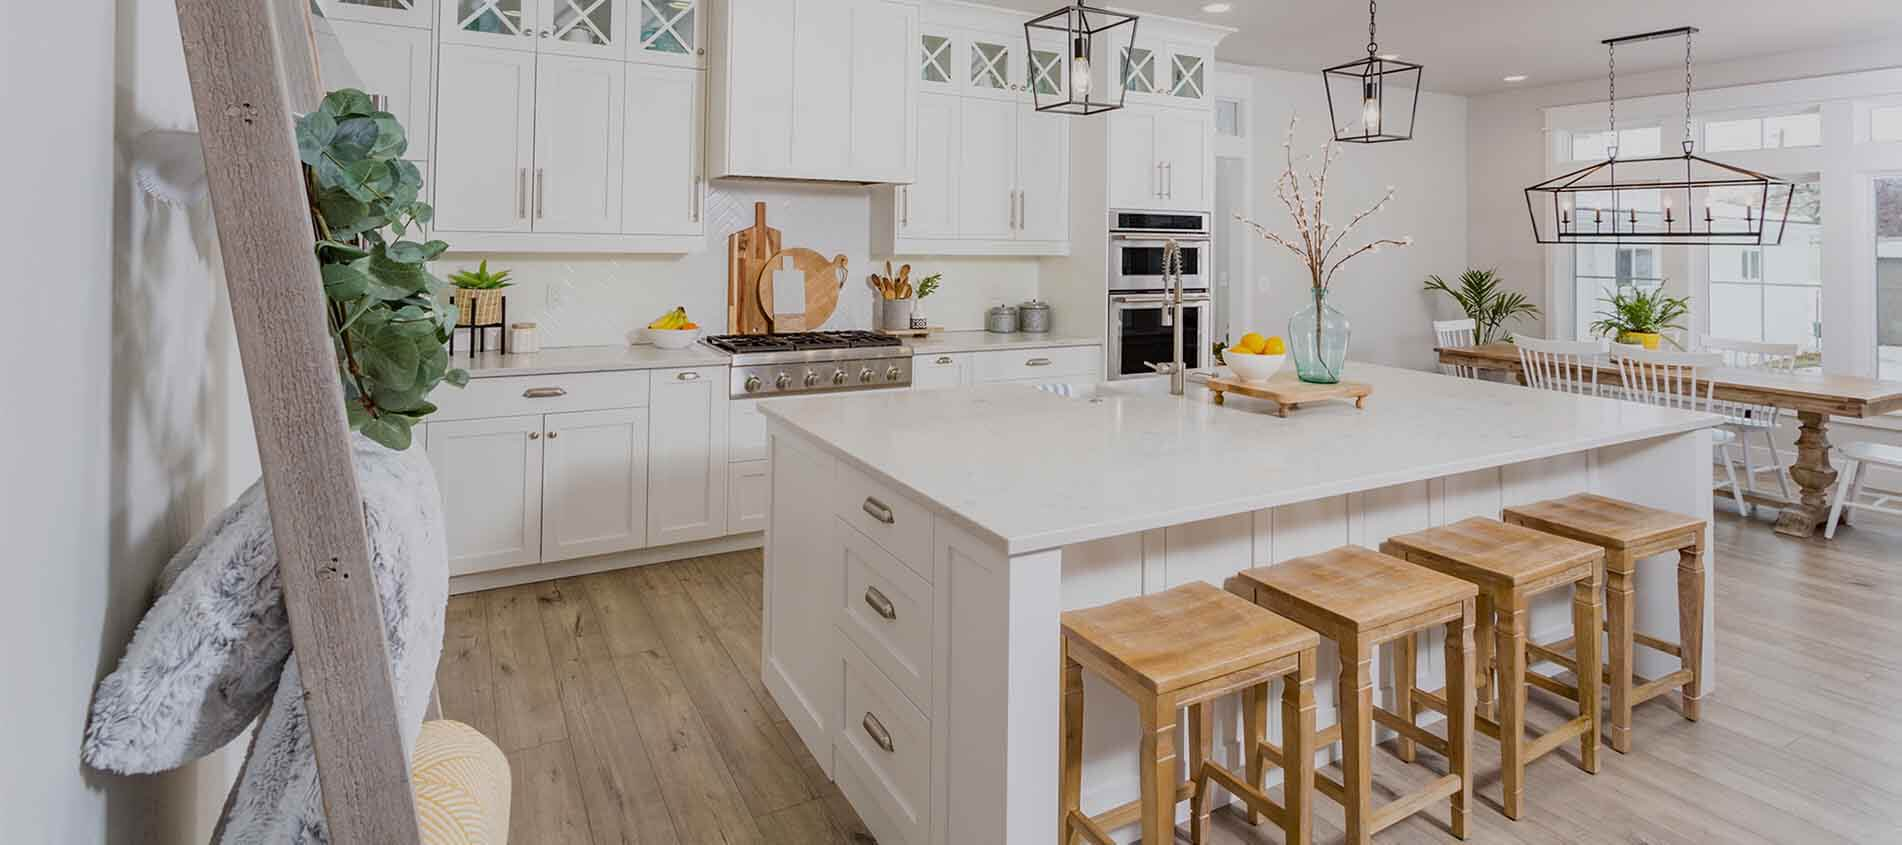 ICC Floors | Hardwood Flooring | Carpet | Tile | Cabinets | Paint ...